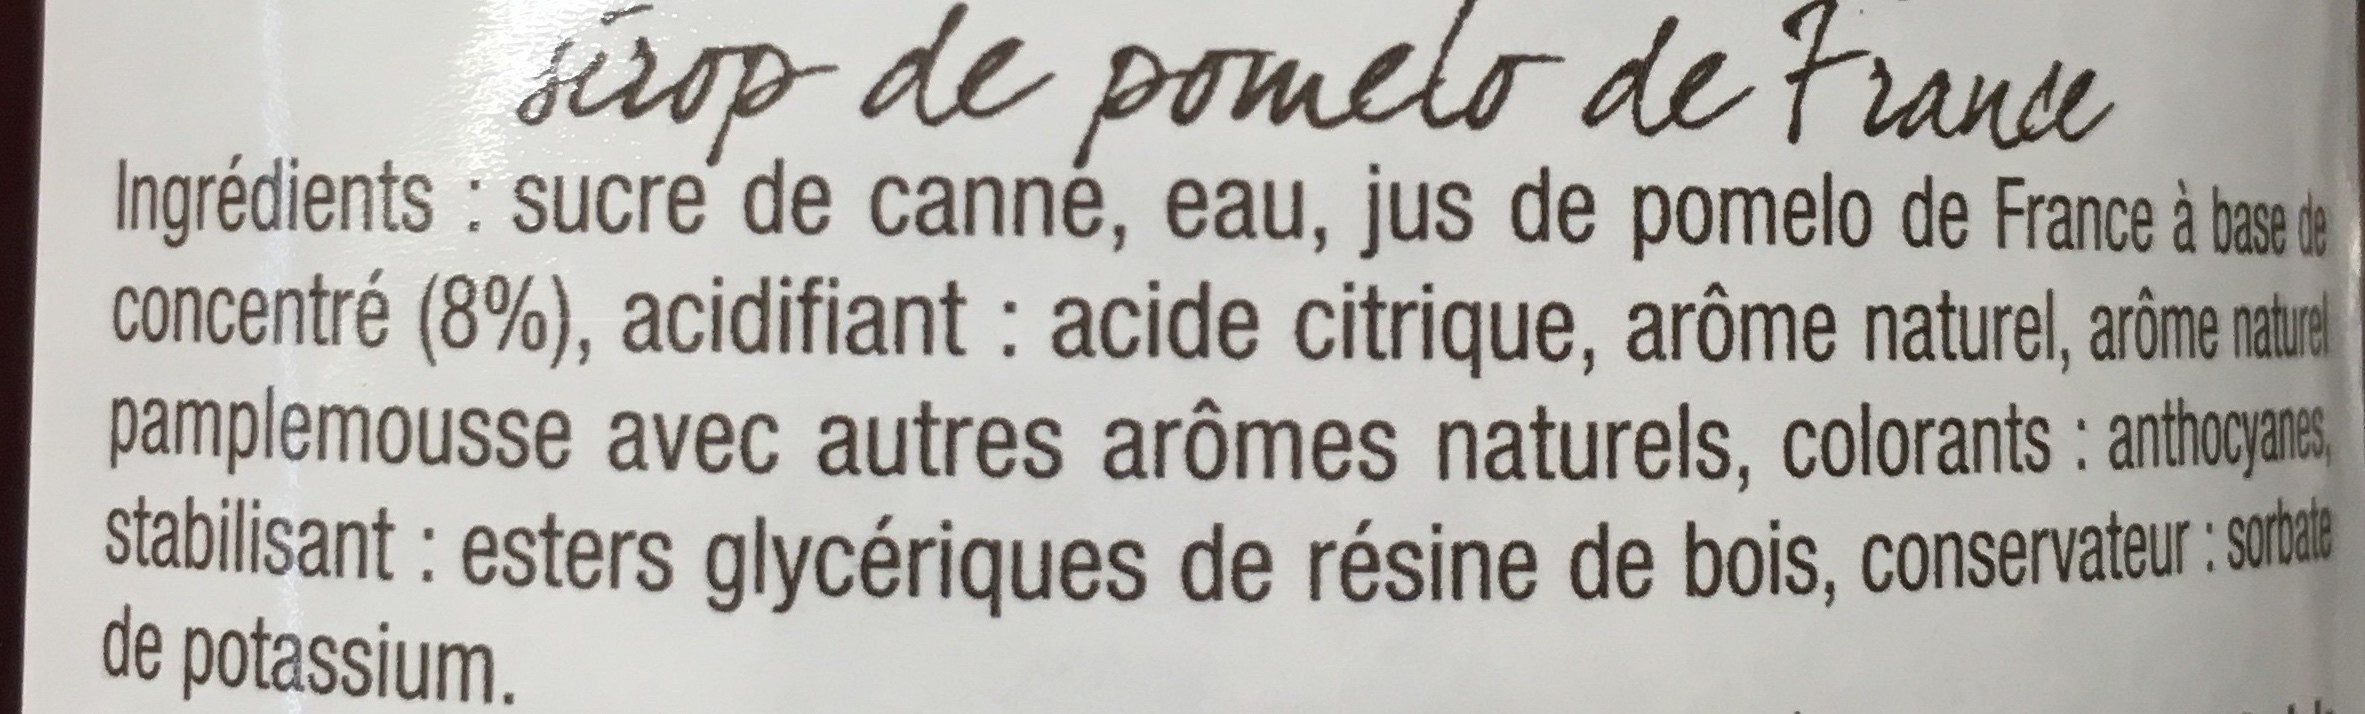 Sirop de Pomelo de Corse - Ingrédients - fr